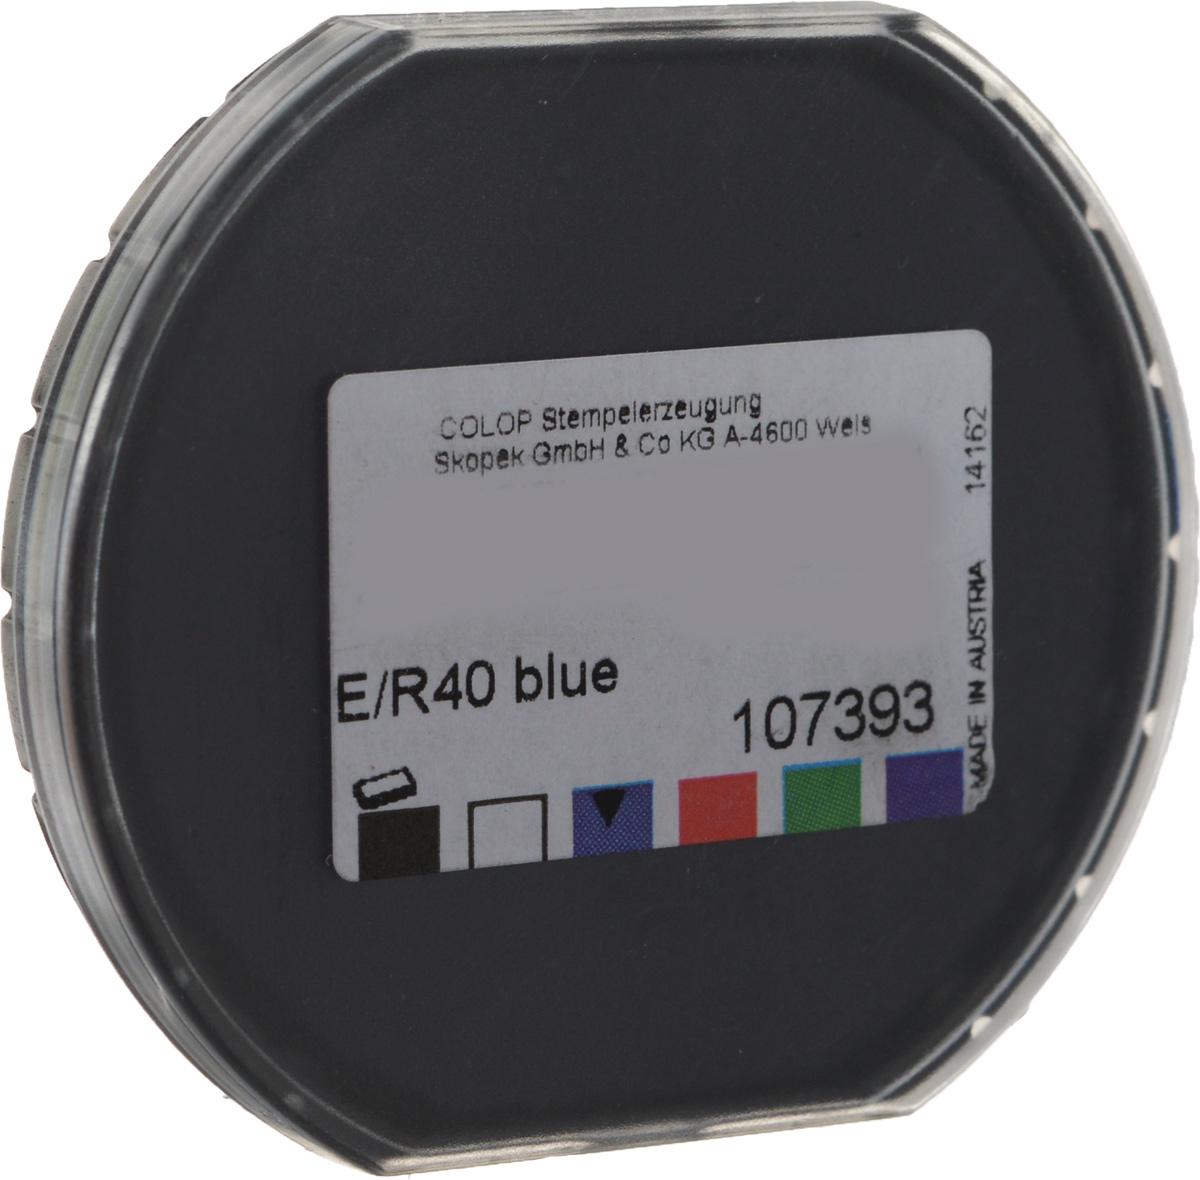 Colop Сменная штемпельная подушка E/R40 цвет синийFS-00102Сменная штемпельная подушка Colop E/R40 предназначена для продукции Colop. Произведена в Австрии с учетом требований российских и международных стандартов. Замена штемпельной подушки необходима при каждом изменении текста в штампе. Заправка штемпельной краской не рекомендуется. Гарантирует не менее 10 000 четких оттисков. Подходит для кода С28178, С36735, С10877, С11718, С20345, С20346, цвет краски - синий.